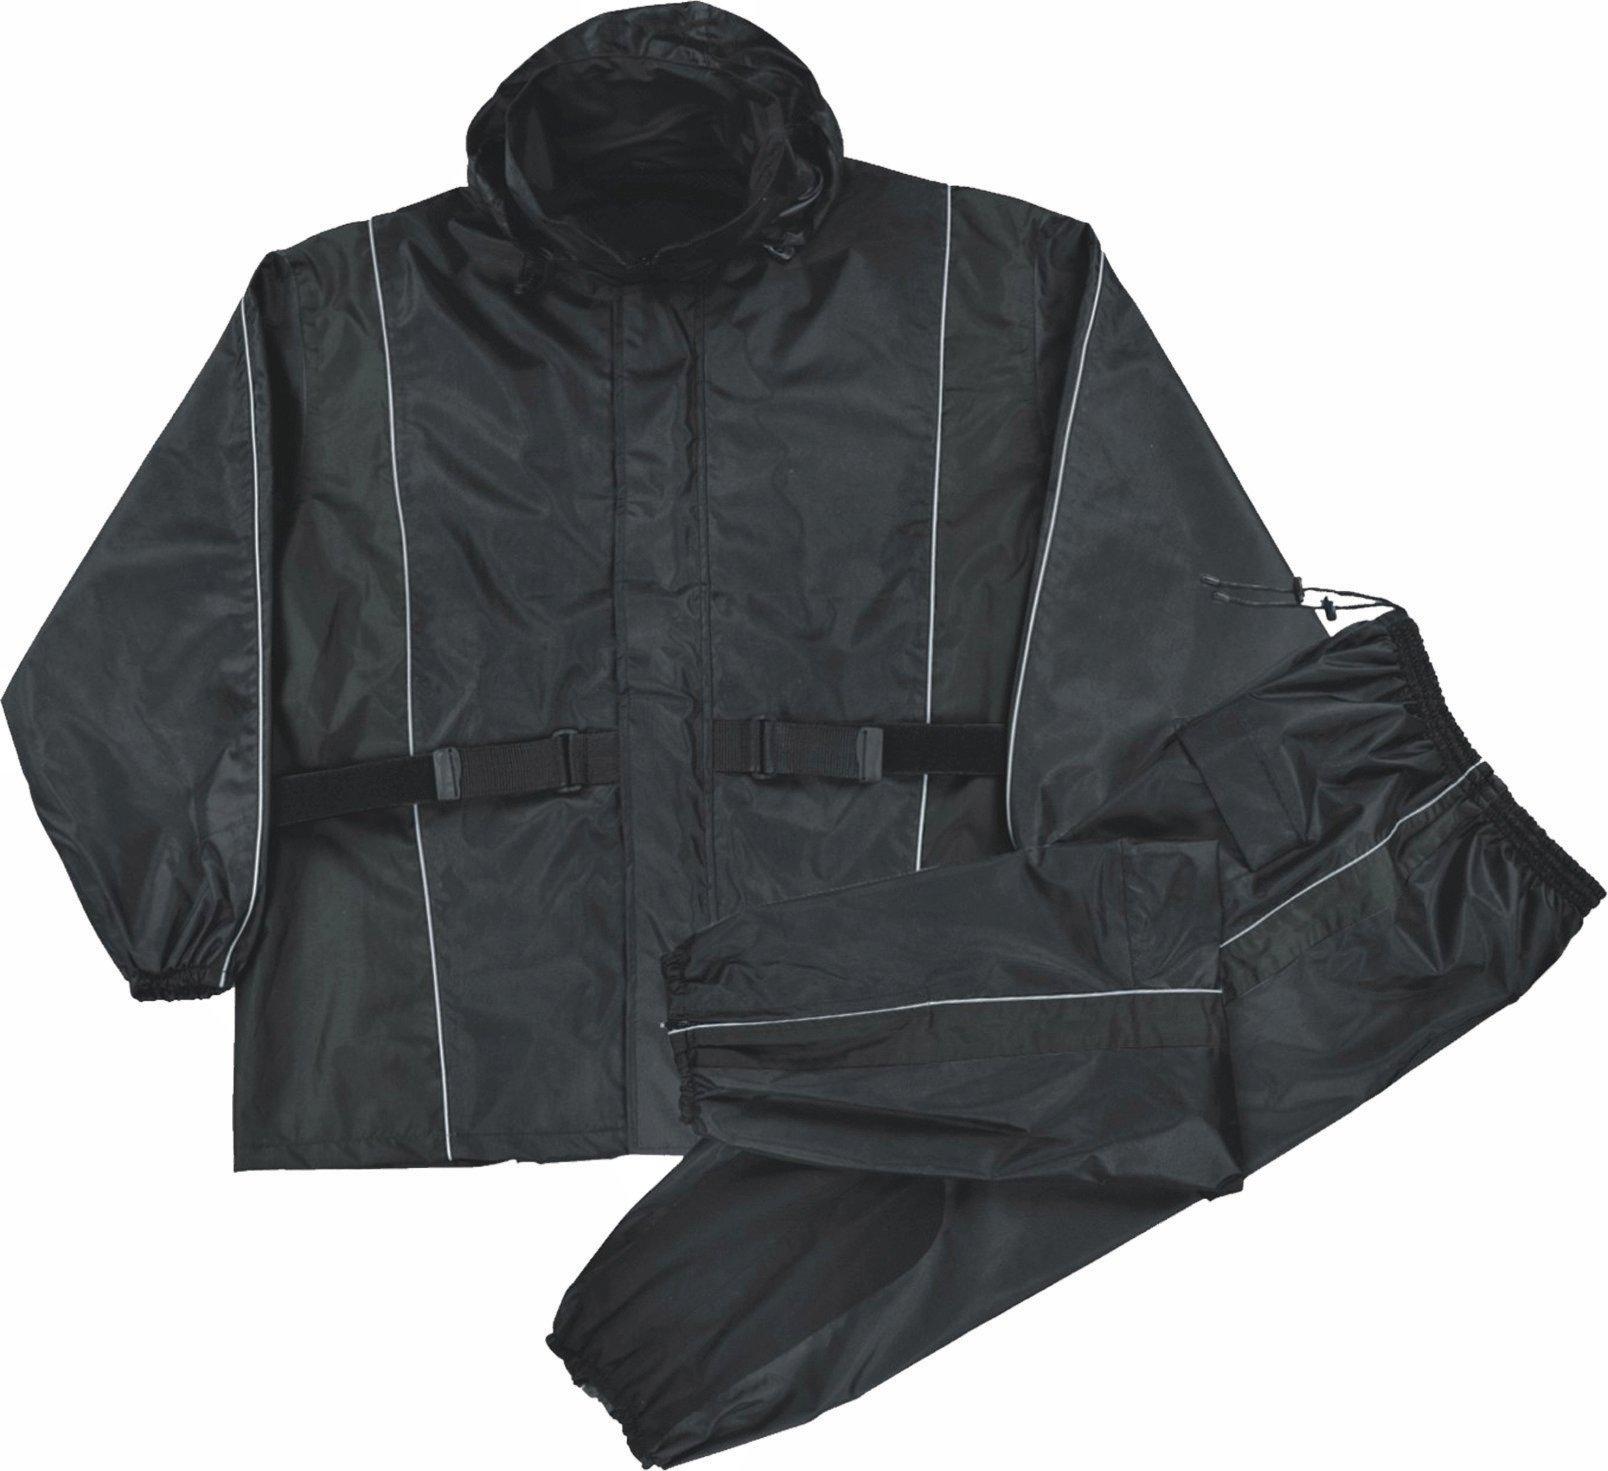 Nexgen Men's Waterproof Rain Suit (Black, 5X-Large)